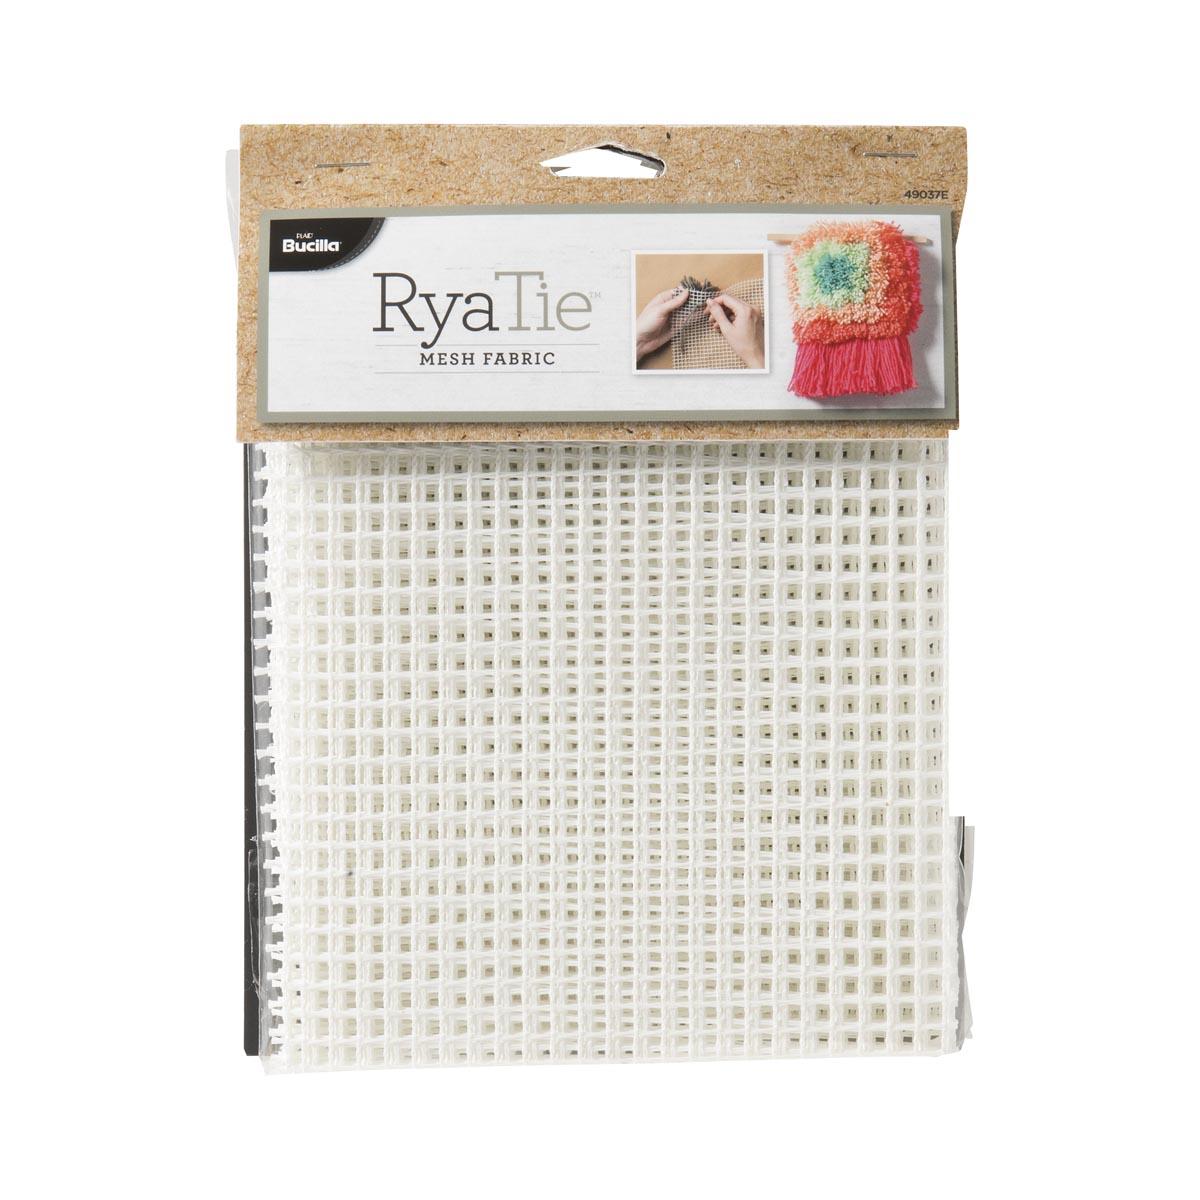 Bucilla ® RyaTie™ Mesh Fabric, 4 Ct.